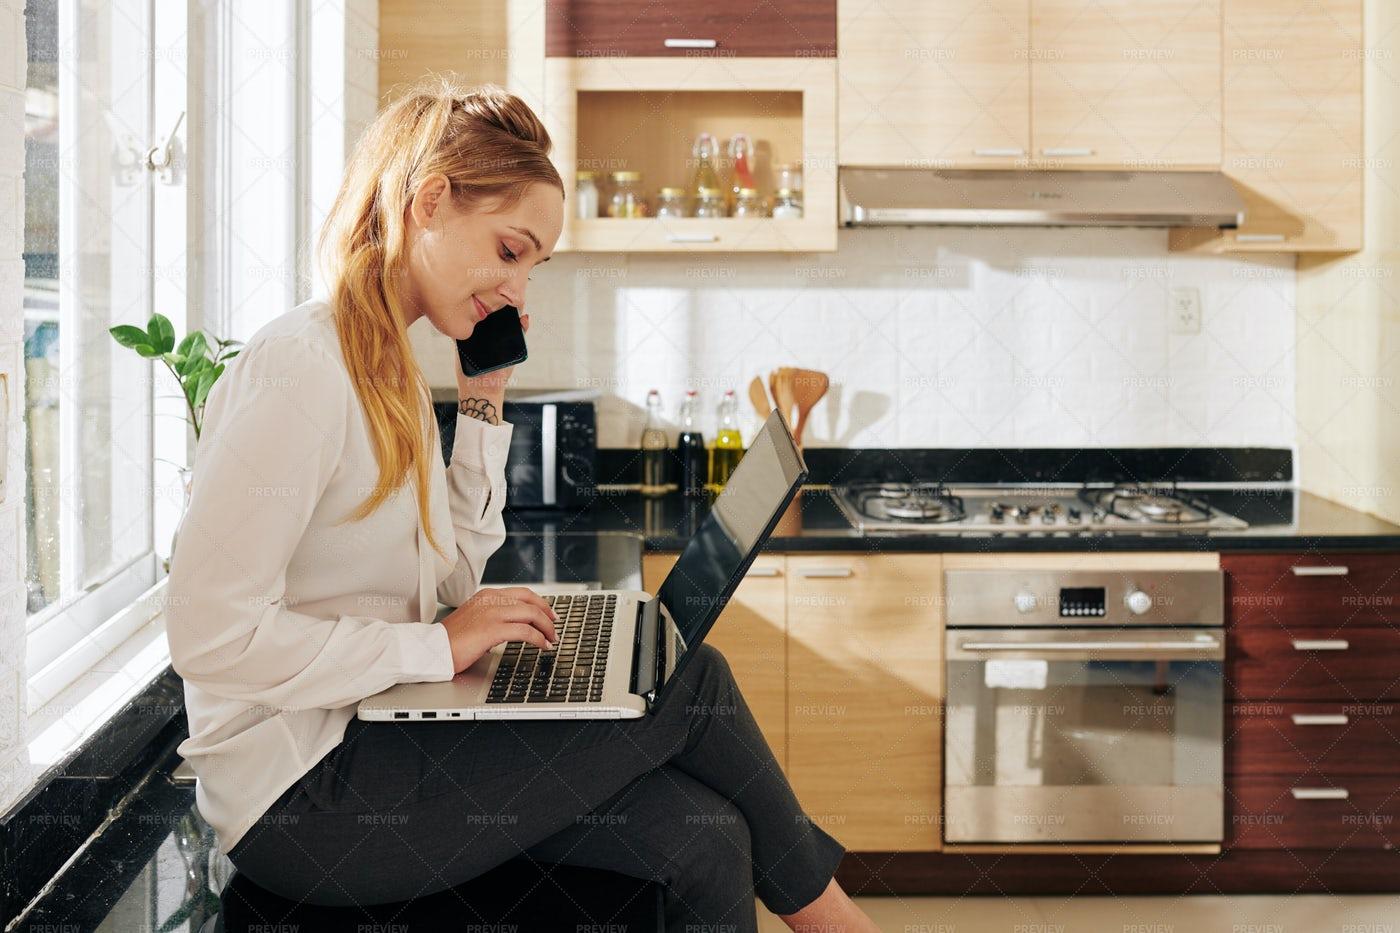 Businesswoman Working In Kitchen: Stock Photos